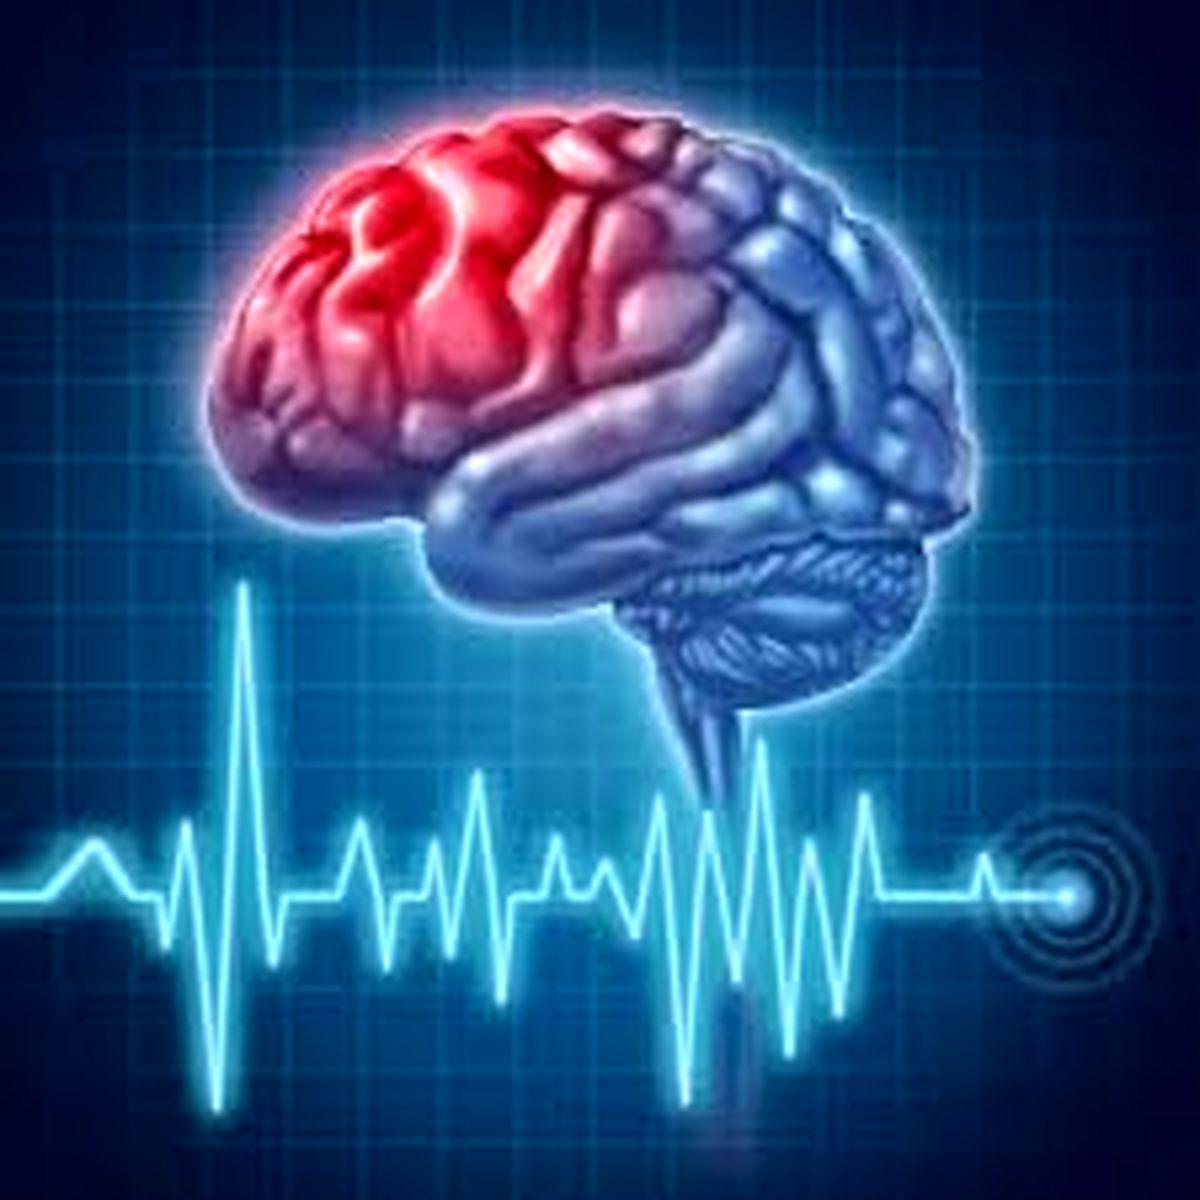 سکته مغزی و کرونا با هم رابطه دارند؟